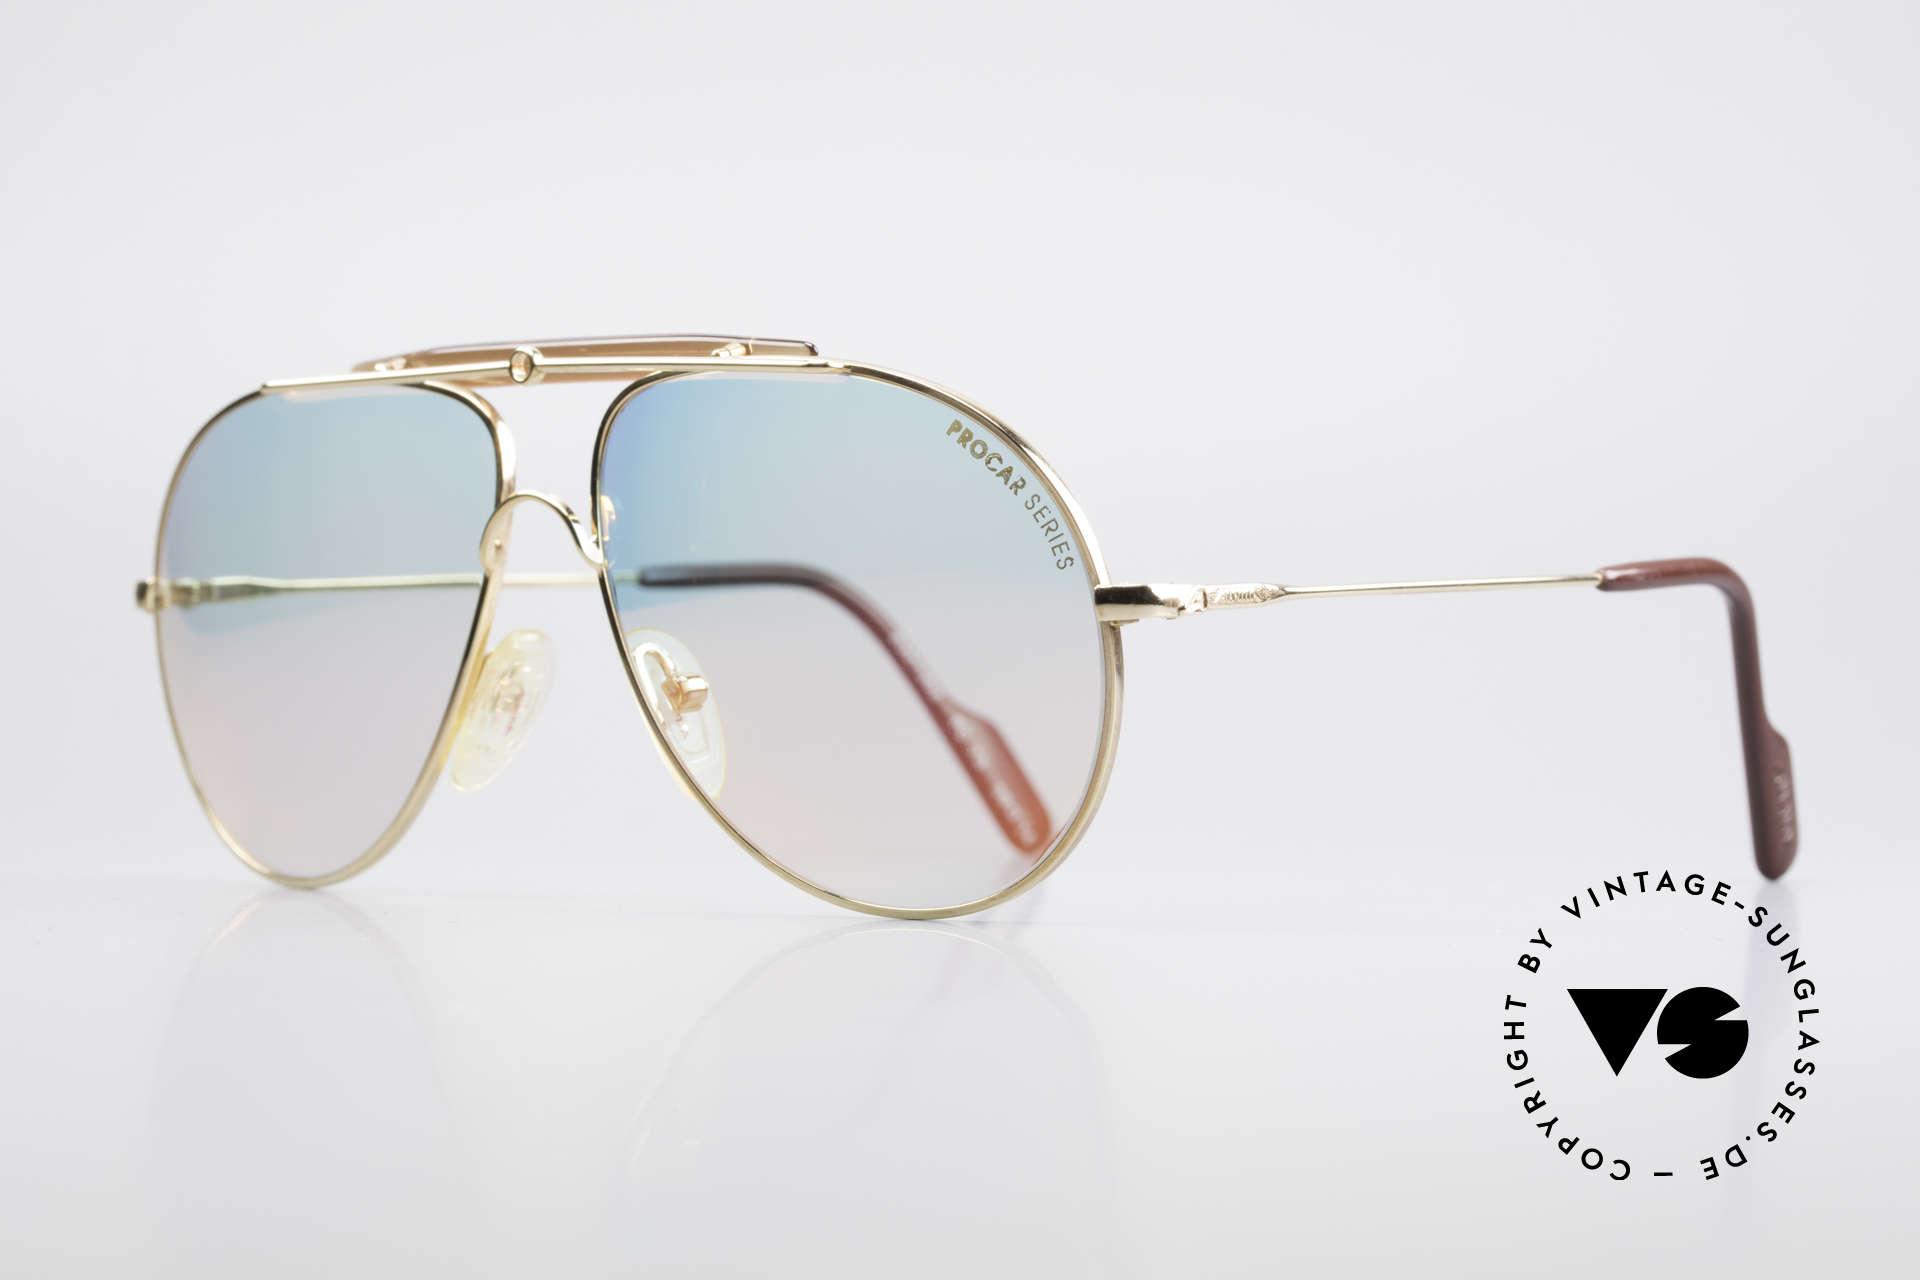 Alpina PC73 ProCar Serie Sonnenbrille Men, enorm hochwertig entspiegelte Mineralgläser (100 %UV), Passend für Herren und Damen